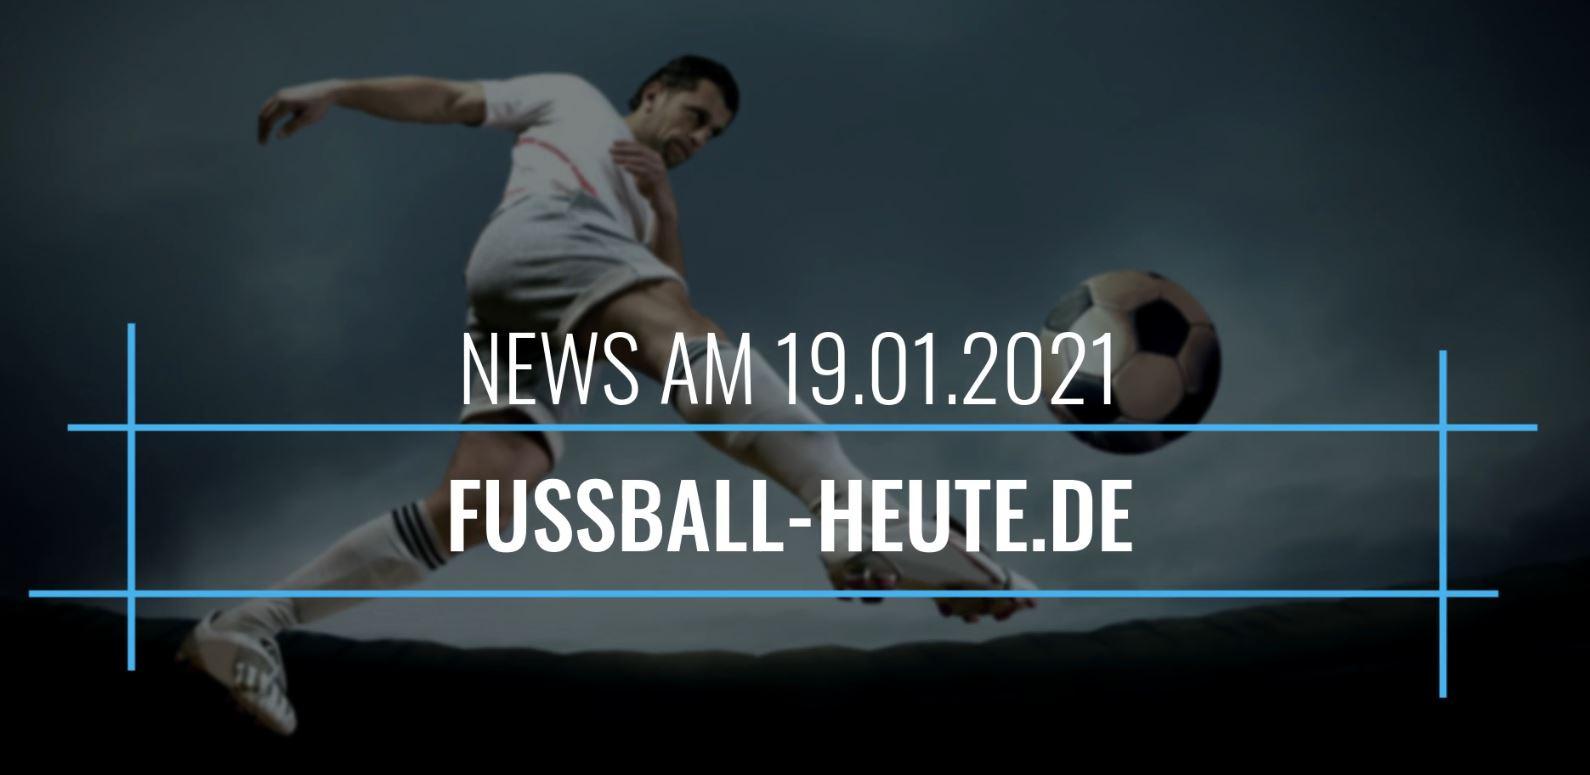 Fussball heute News am 19. Januar 2021